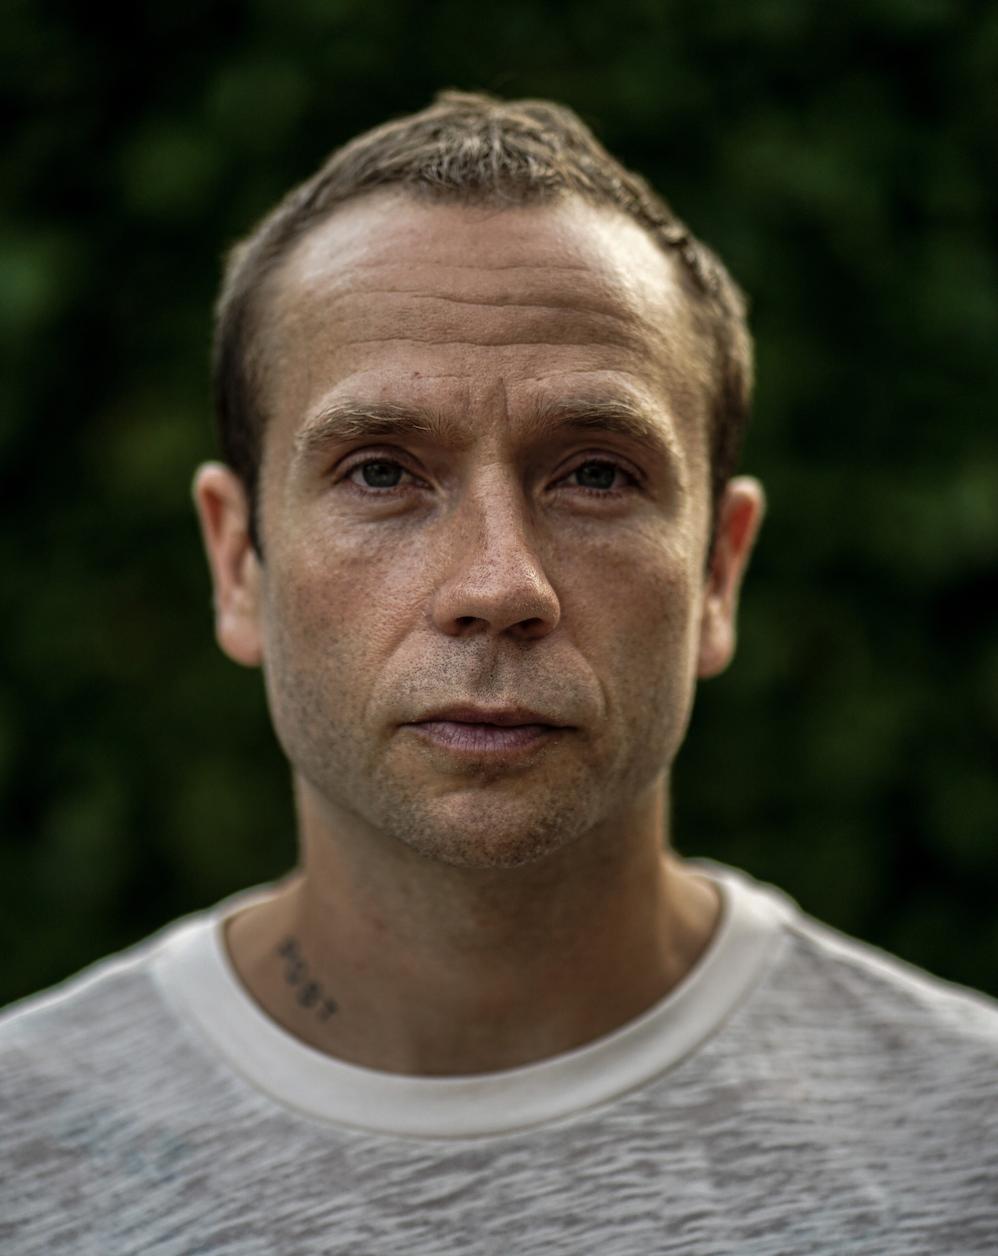 mark-webber-portrait